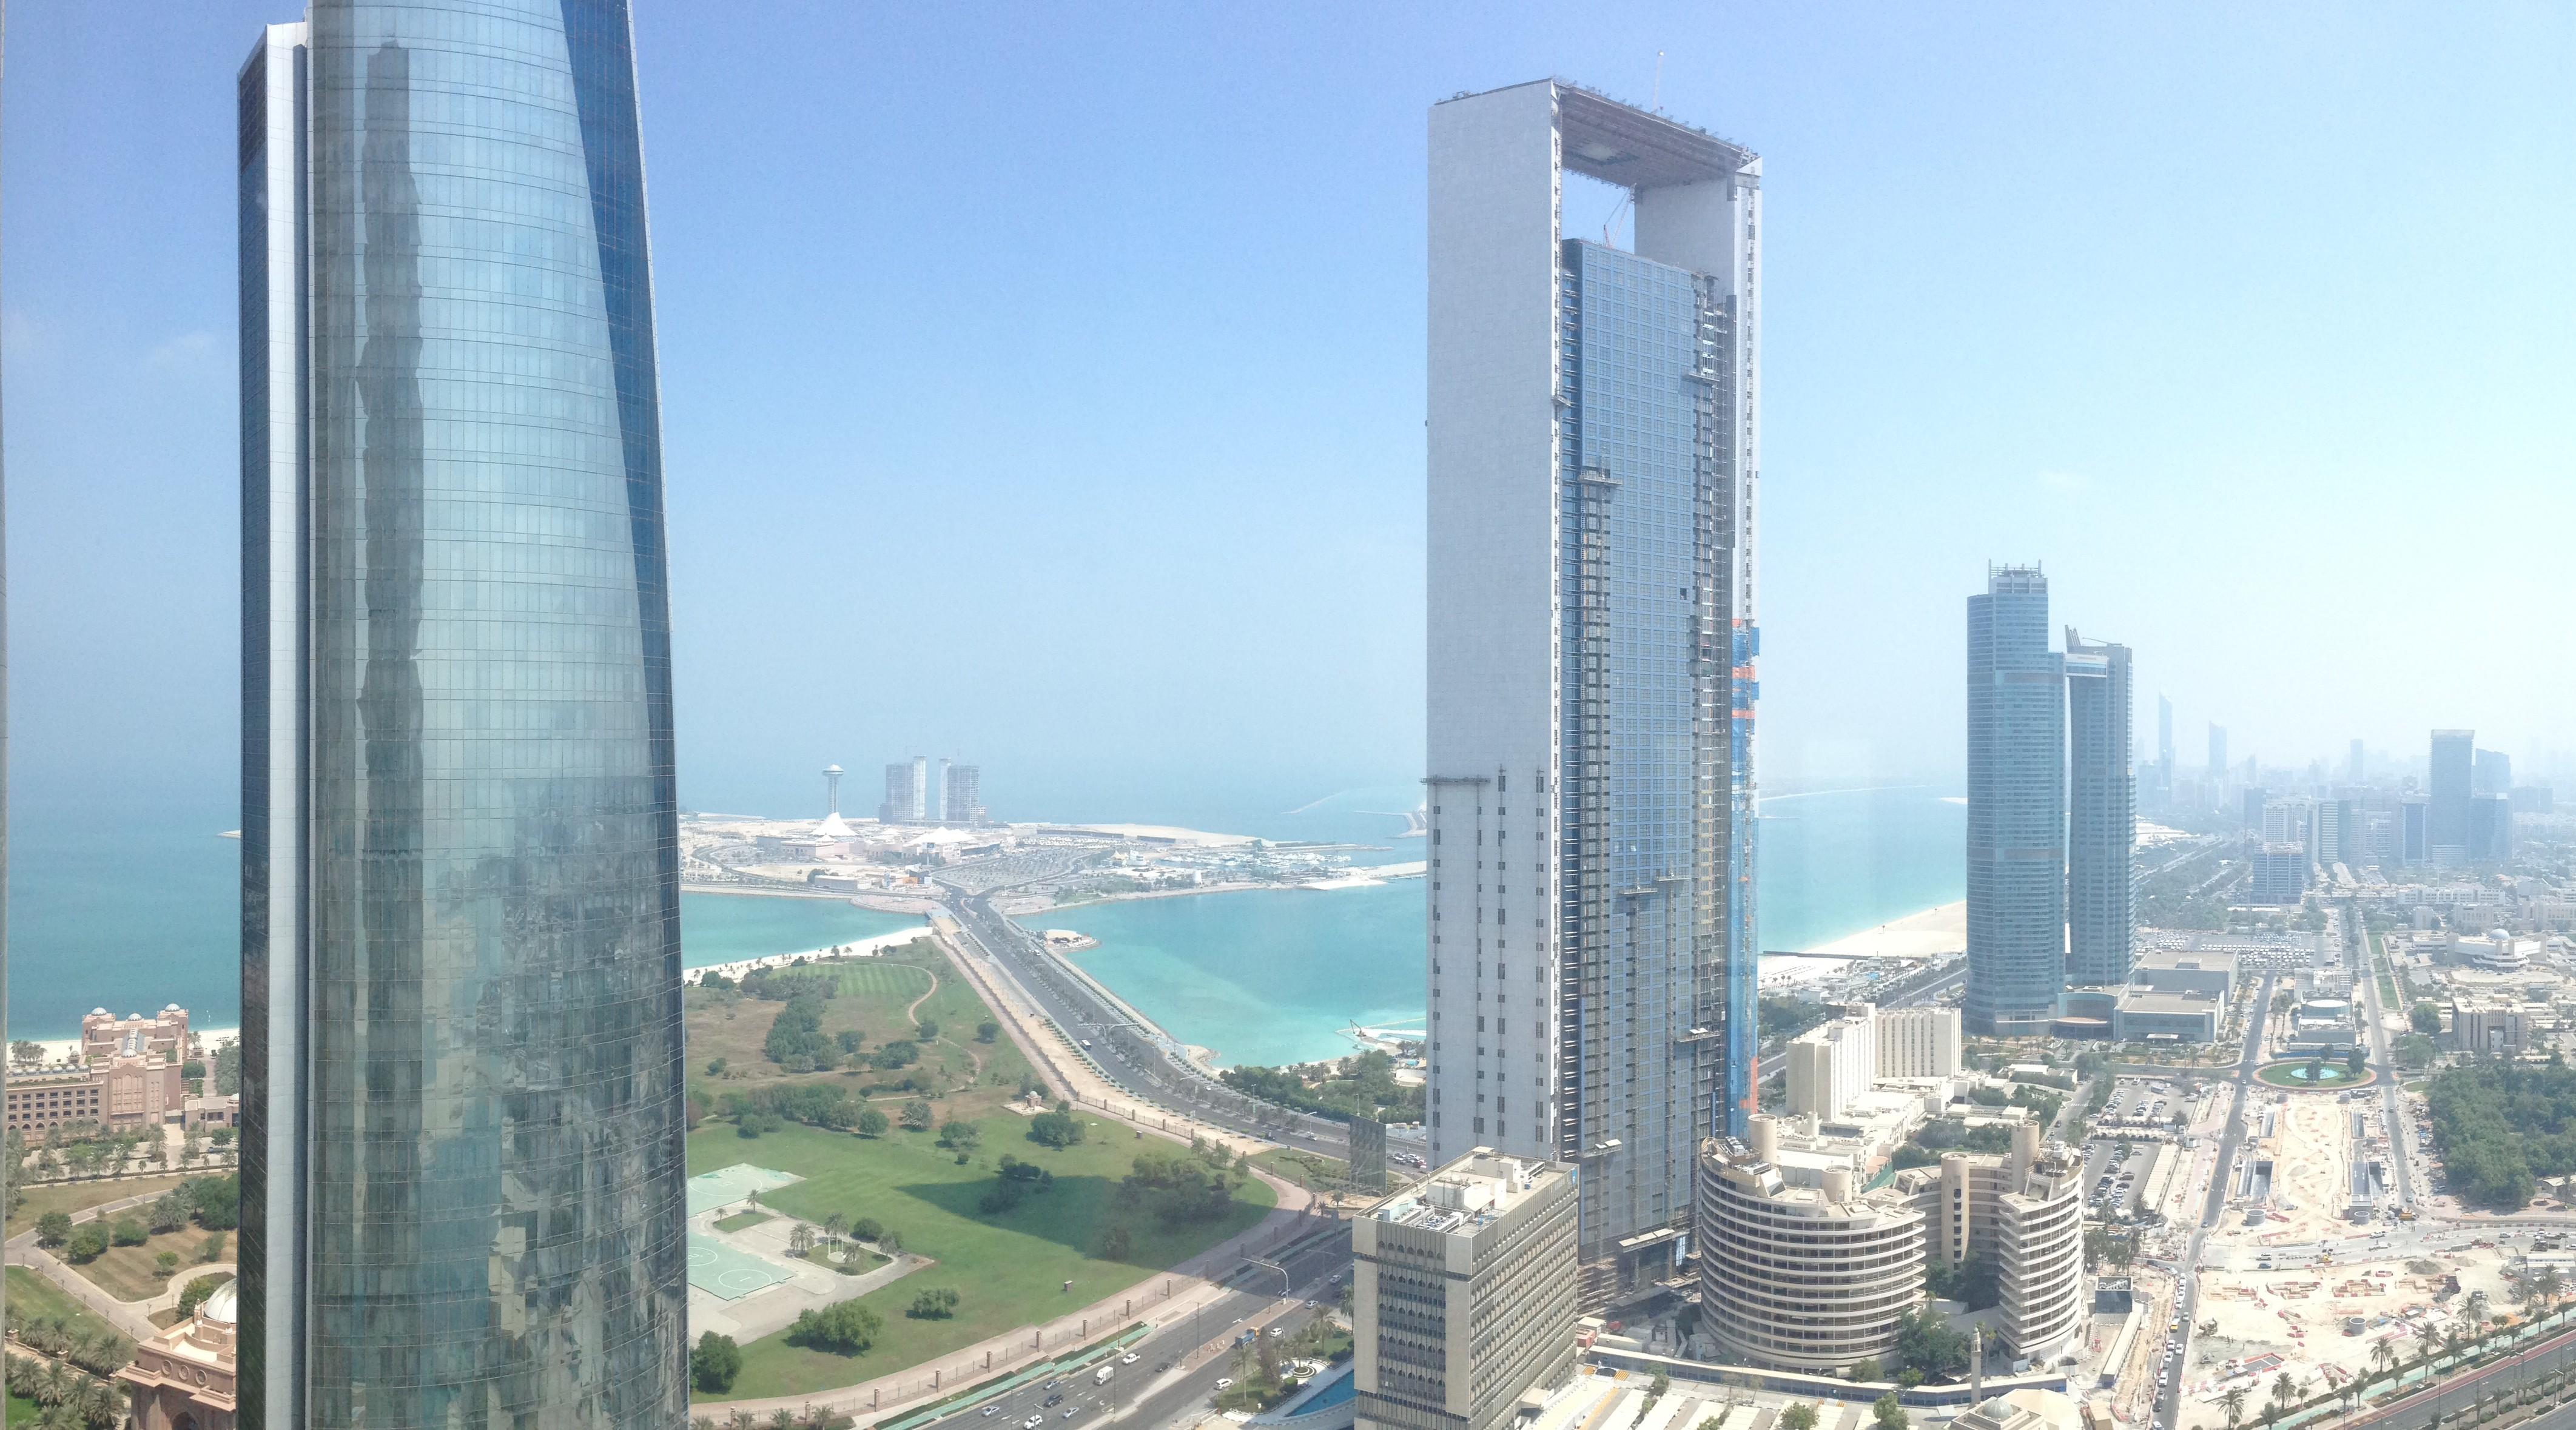 PETROBOT in Abu Dhabi